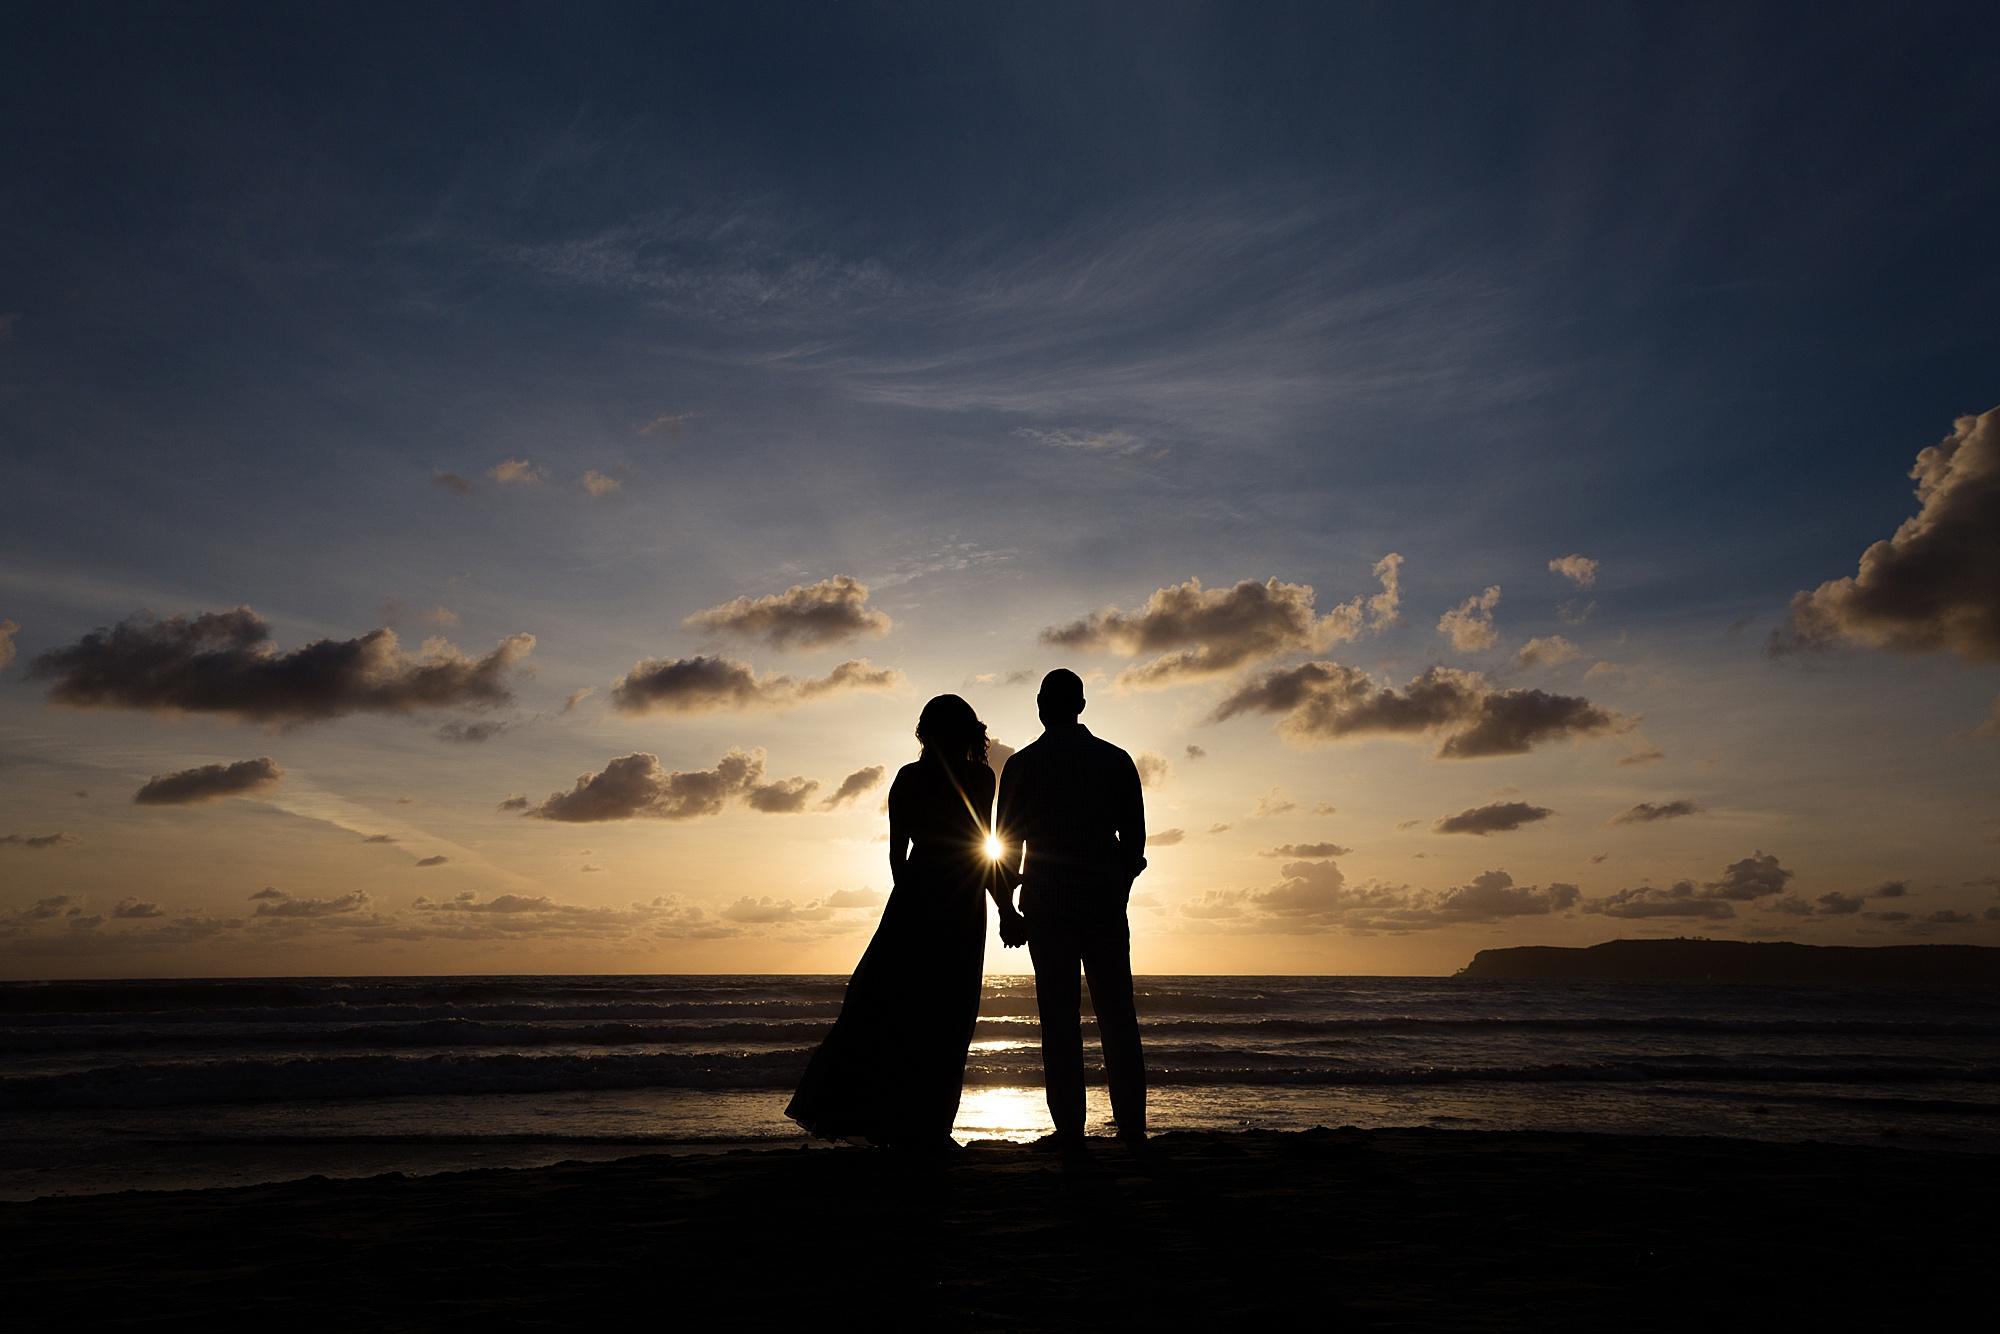 Silhouette Sunset | Coronado Beach Photos